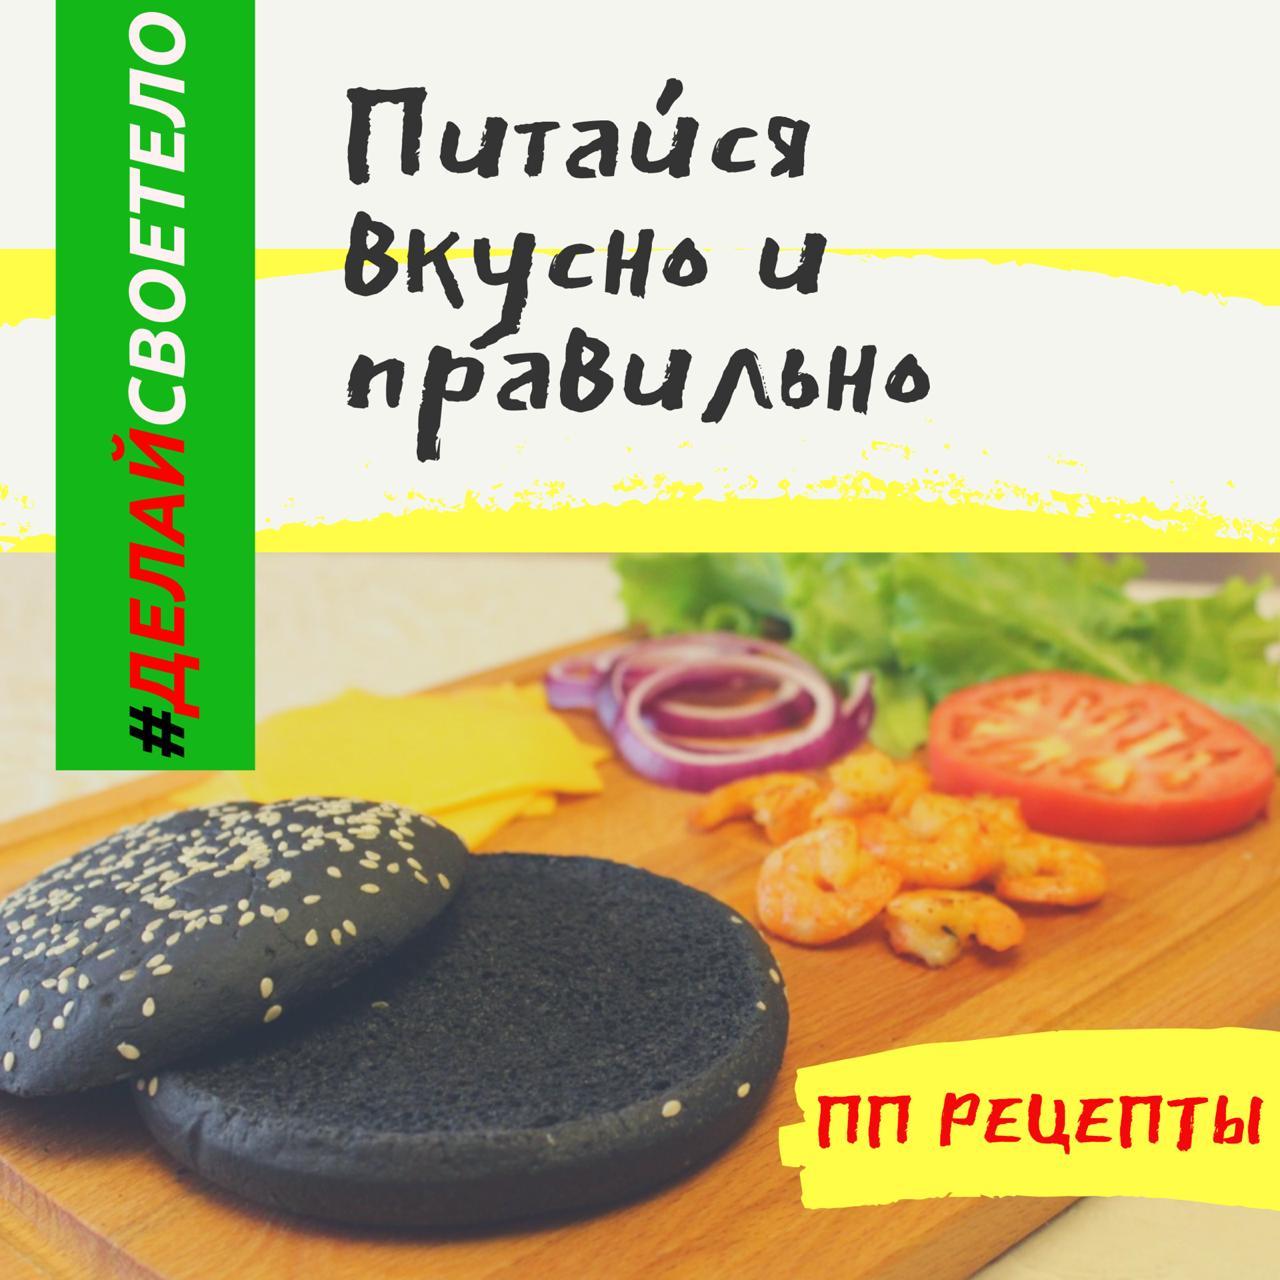 ПП рецепты быстро и вкусно